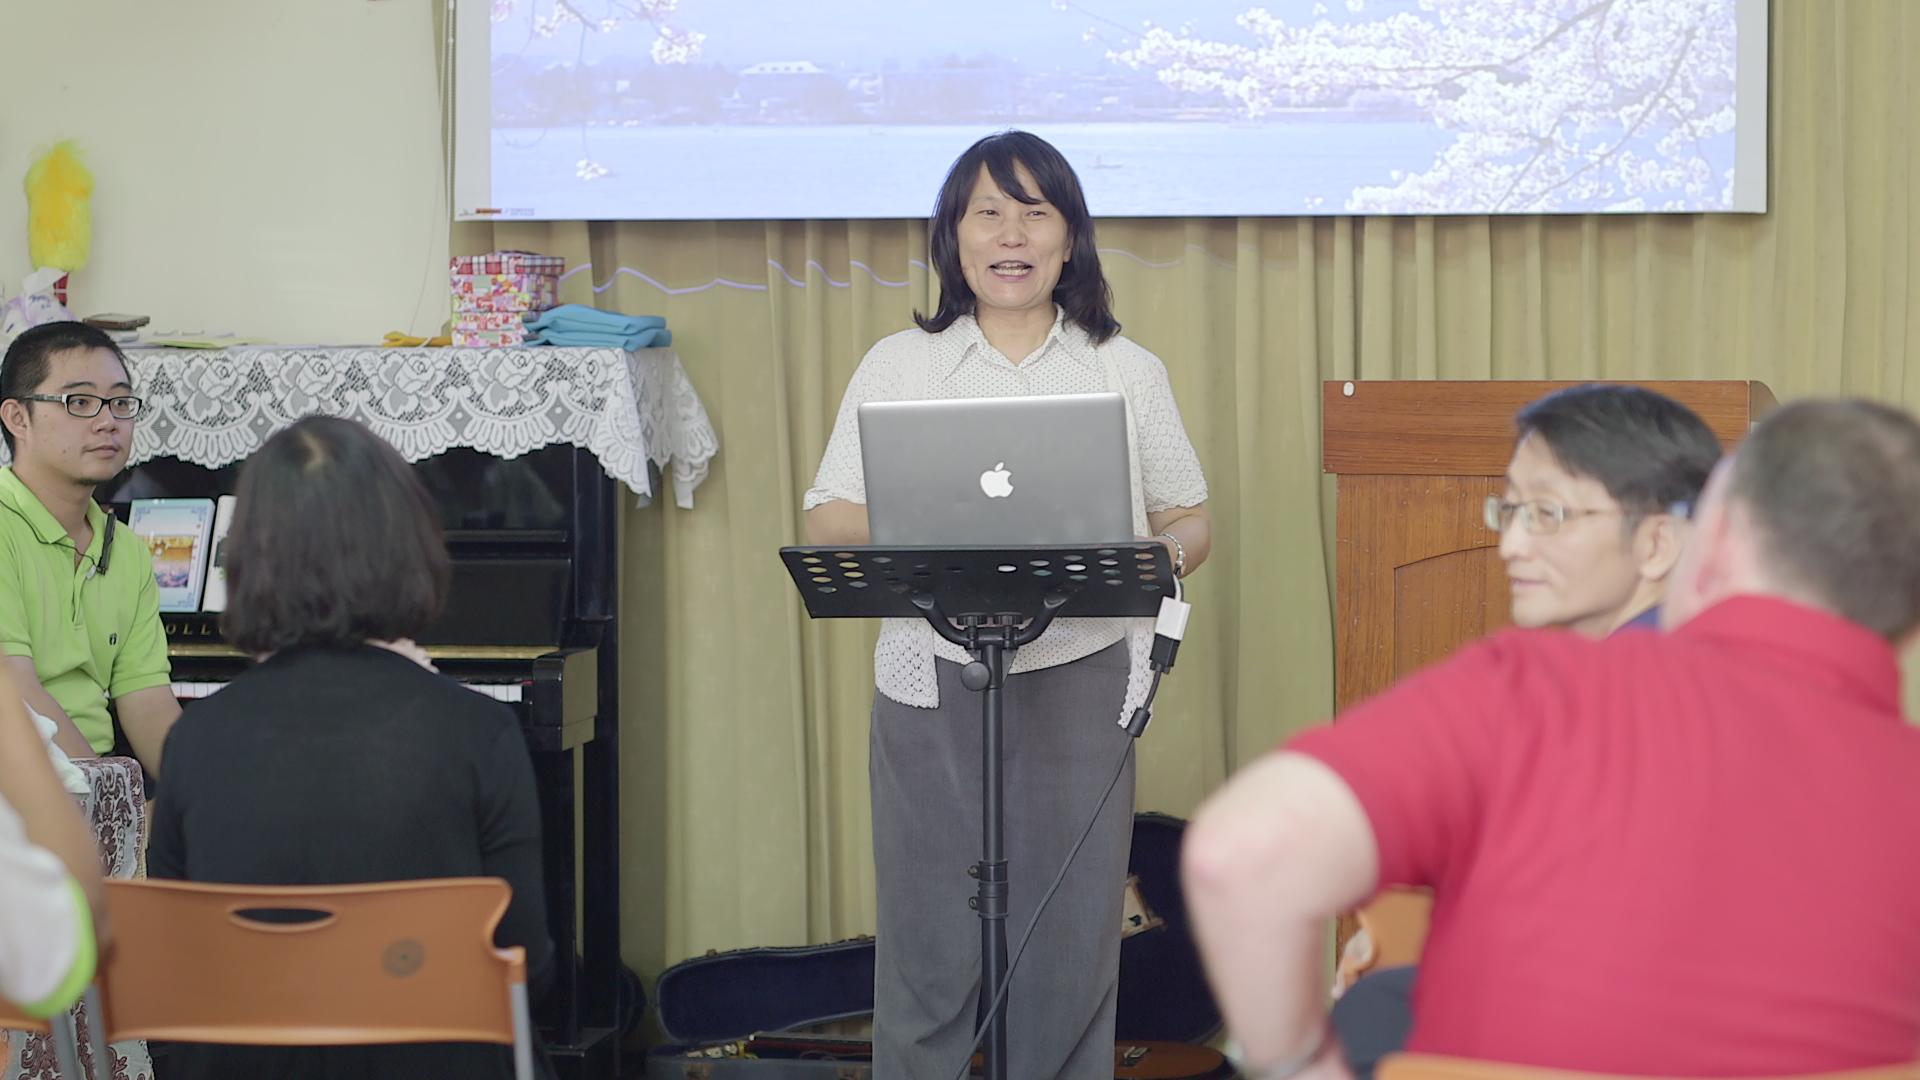 Tina, SEND International Japan